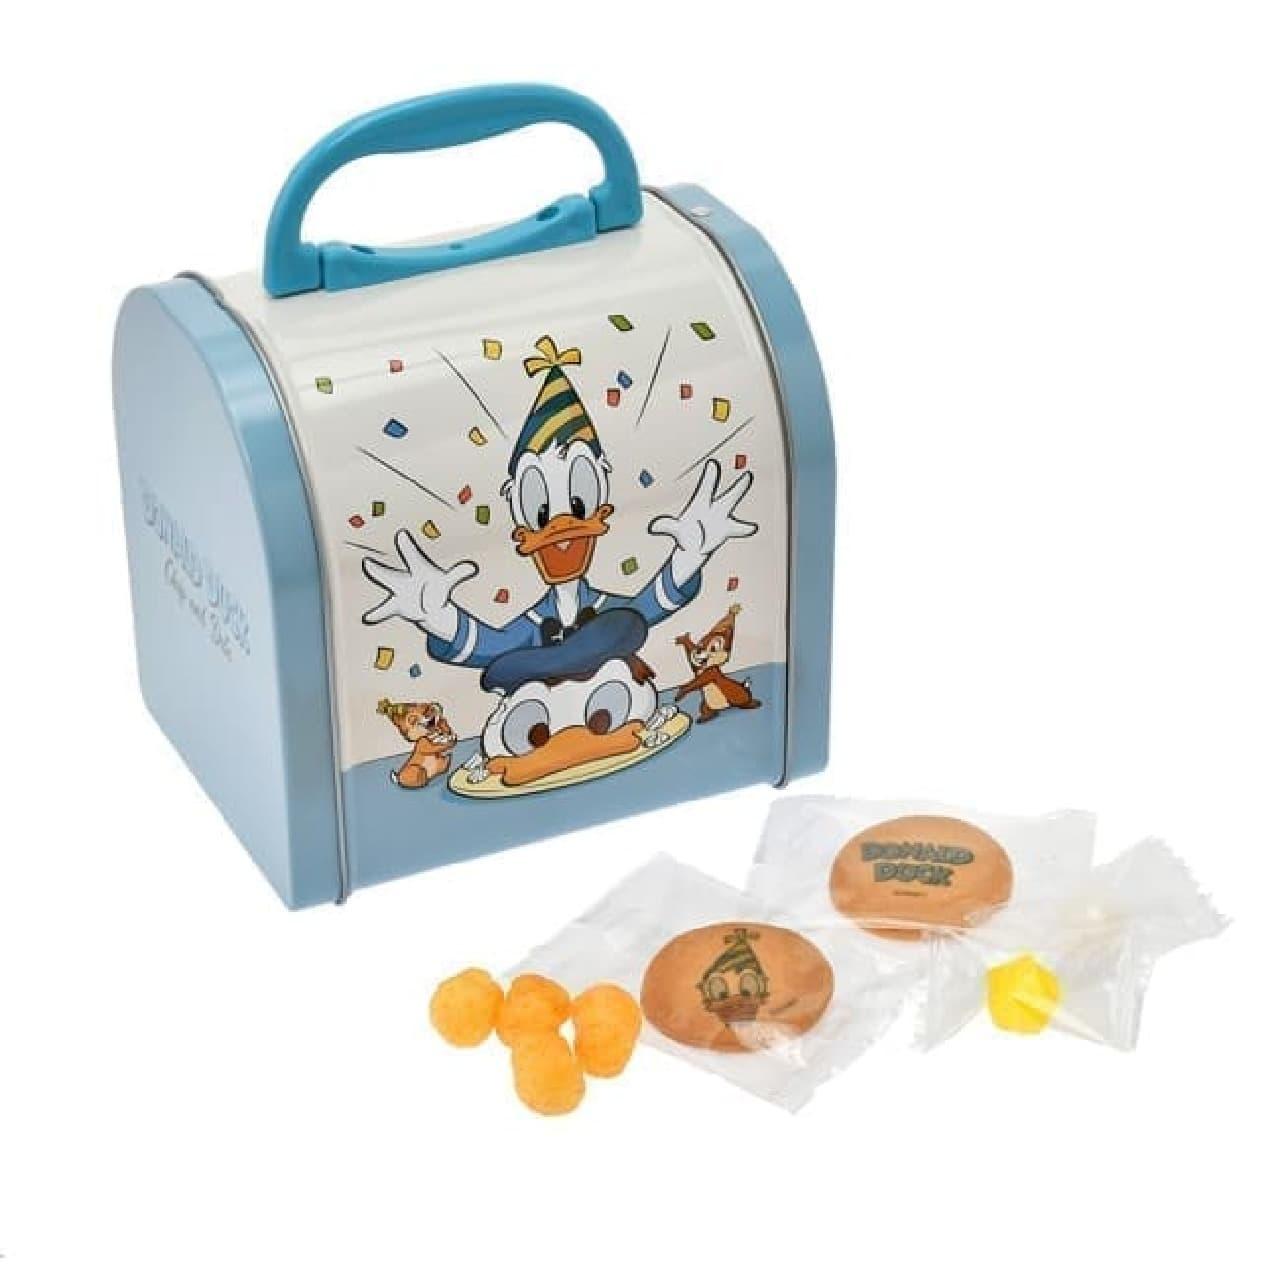 ドナルドダックの誕生日(6月9日)をお祝い!ショップディズニーにぬいぐるみやエコバッグ